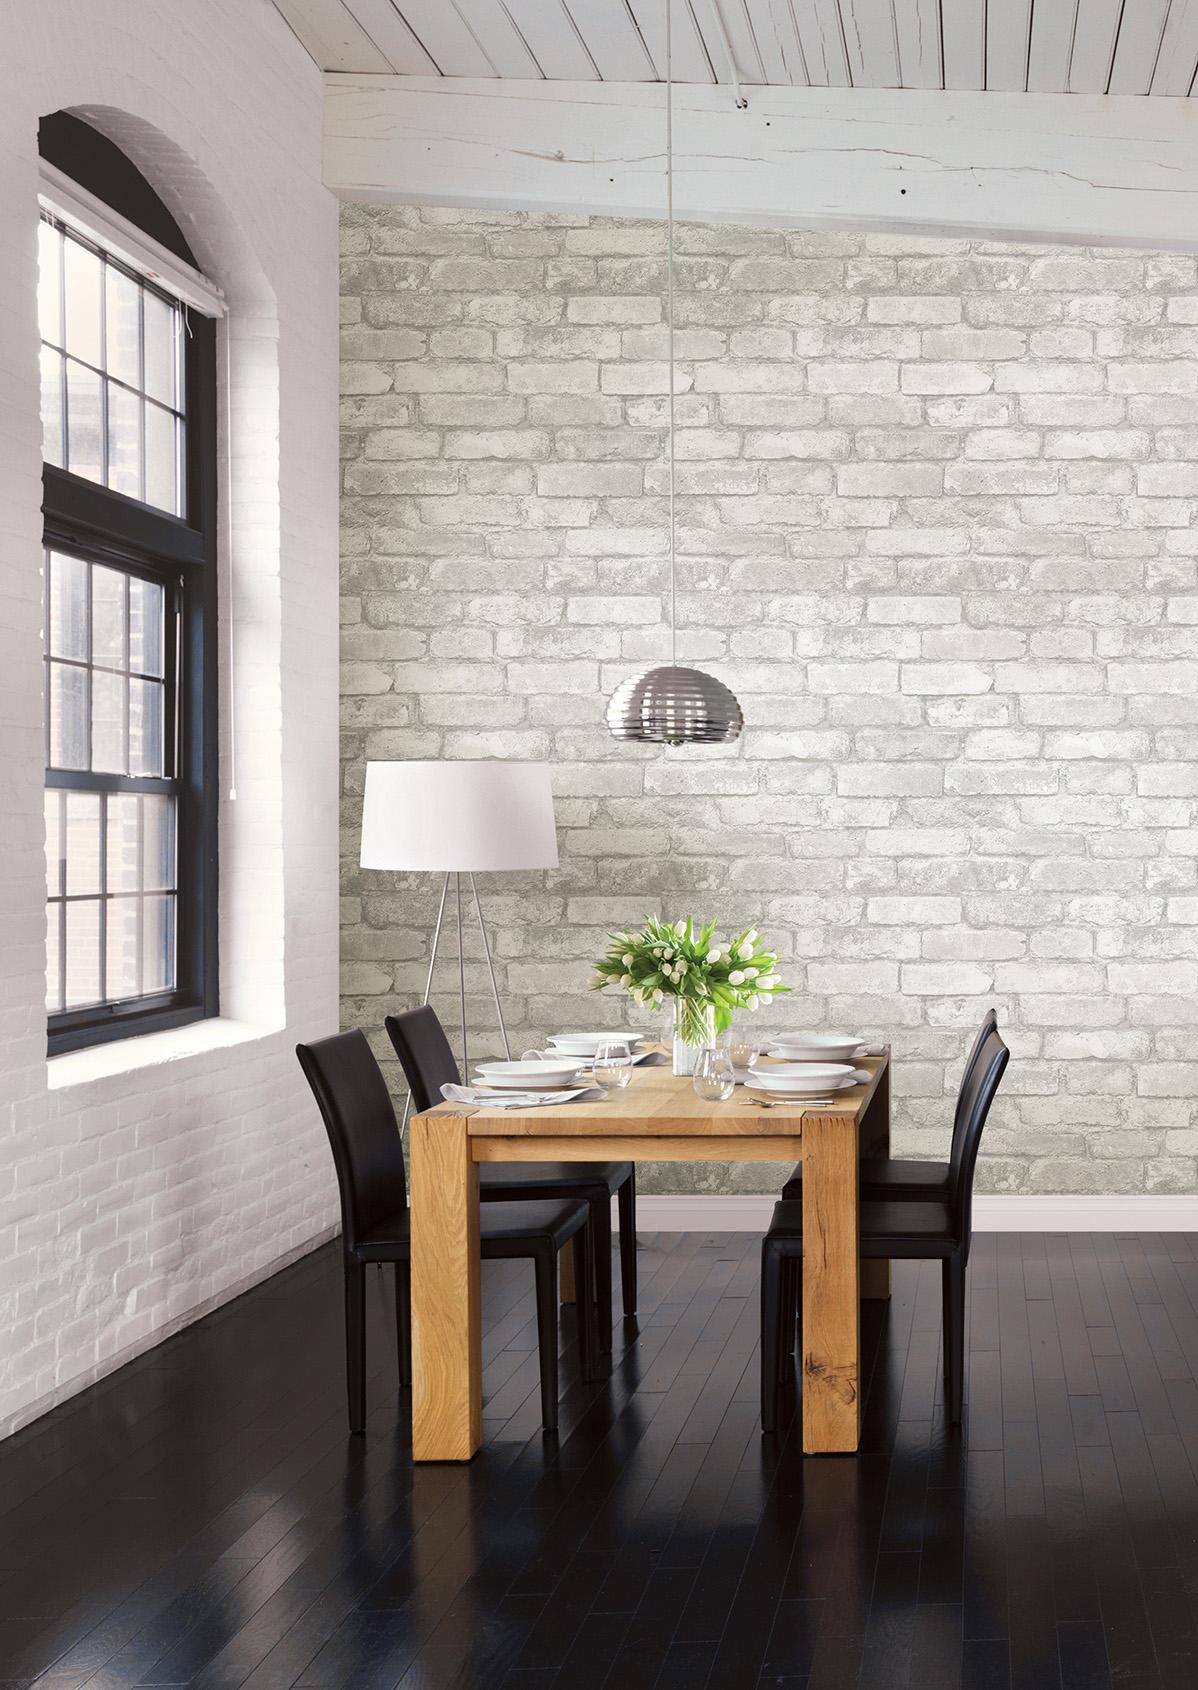 whitewashed brick loft dining room